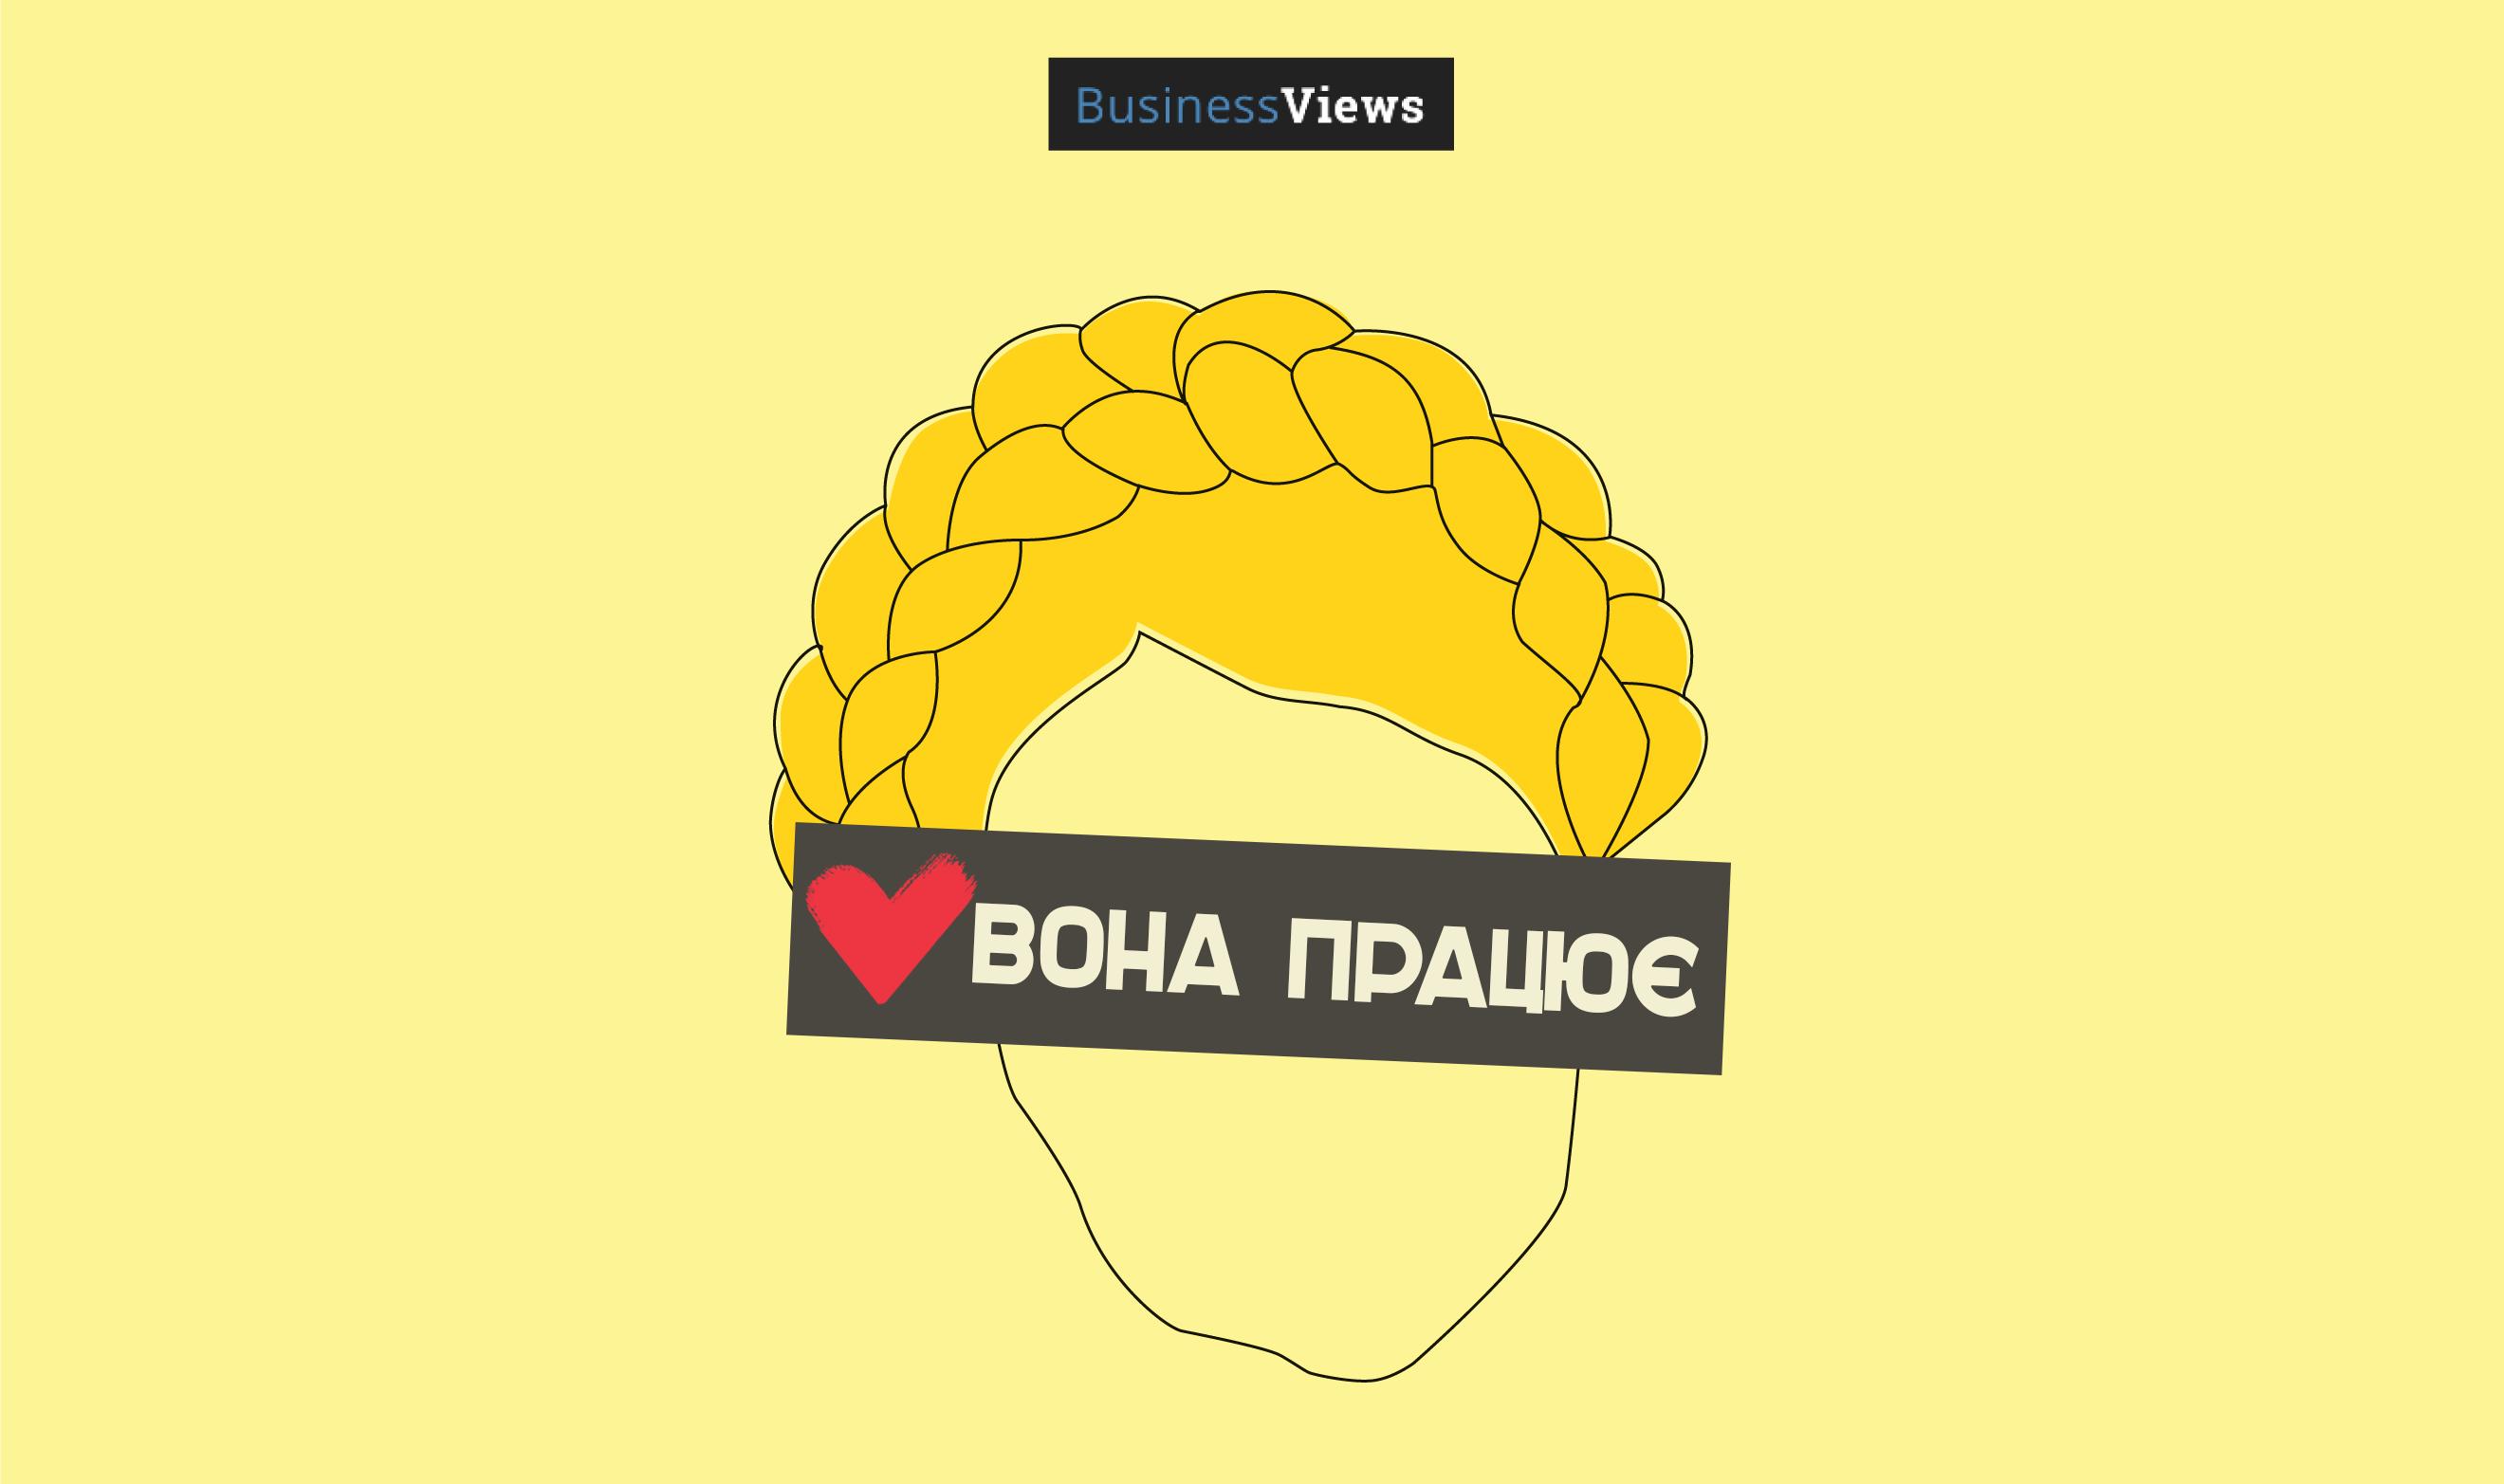 13 фактов о популизме Юлии Тимошенко, которые ты должен объяснить своей бабушке